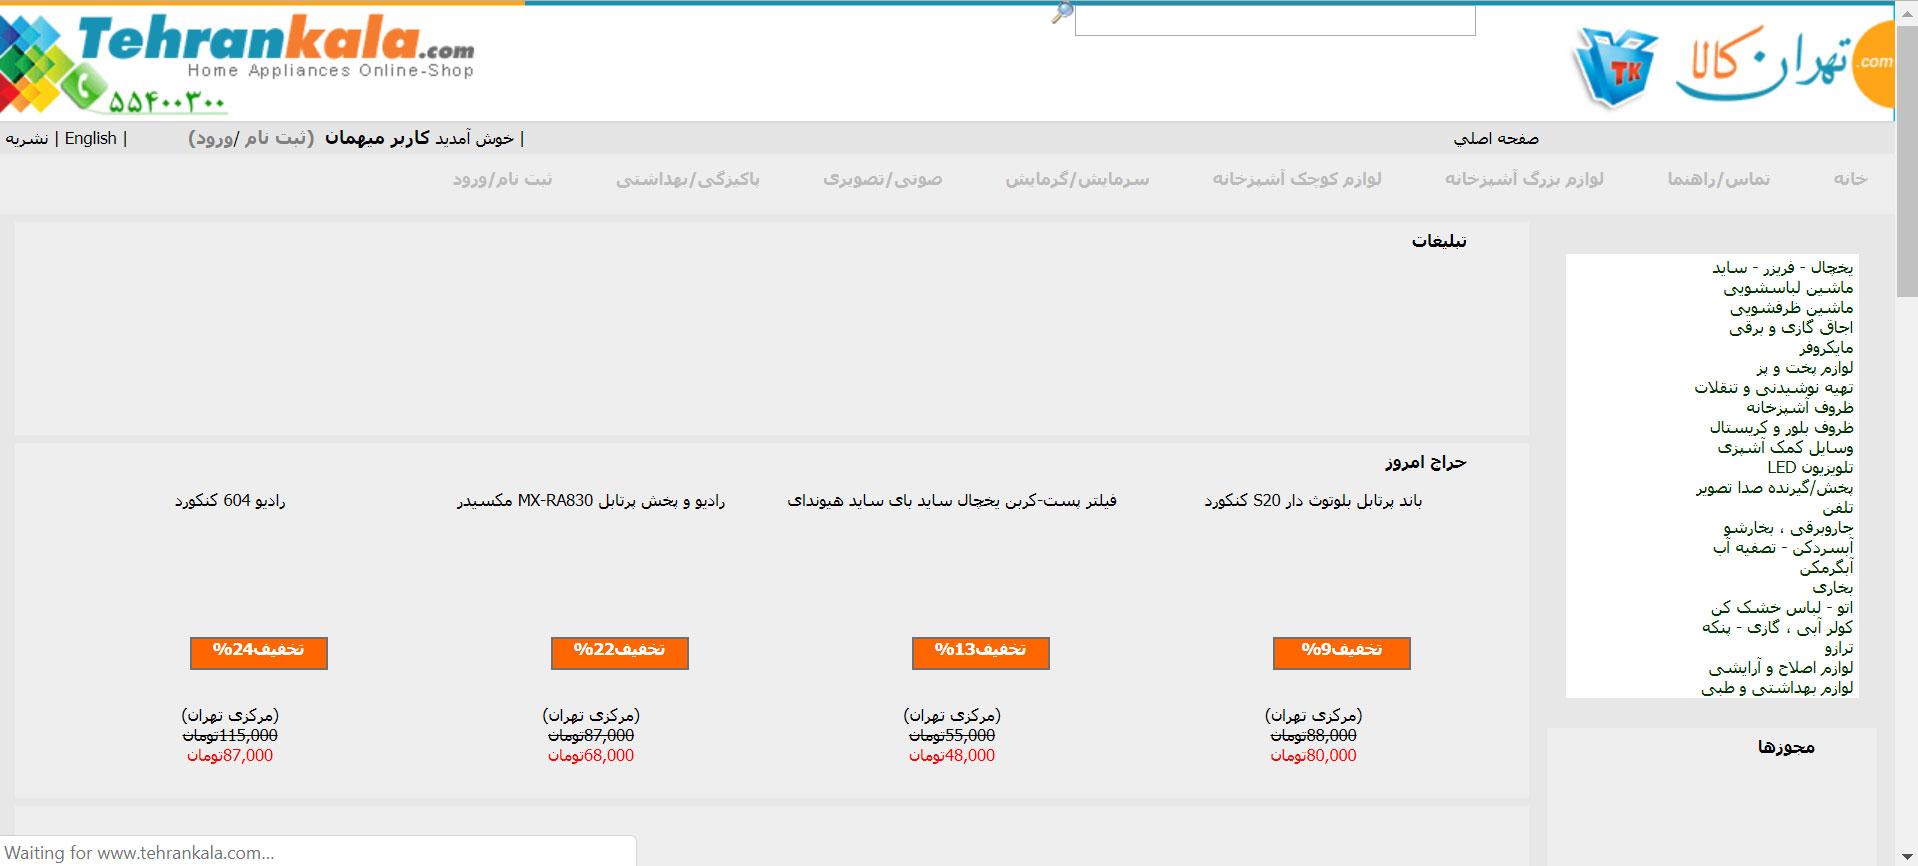 فروشگاه اینترنتی تهران کالا